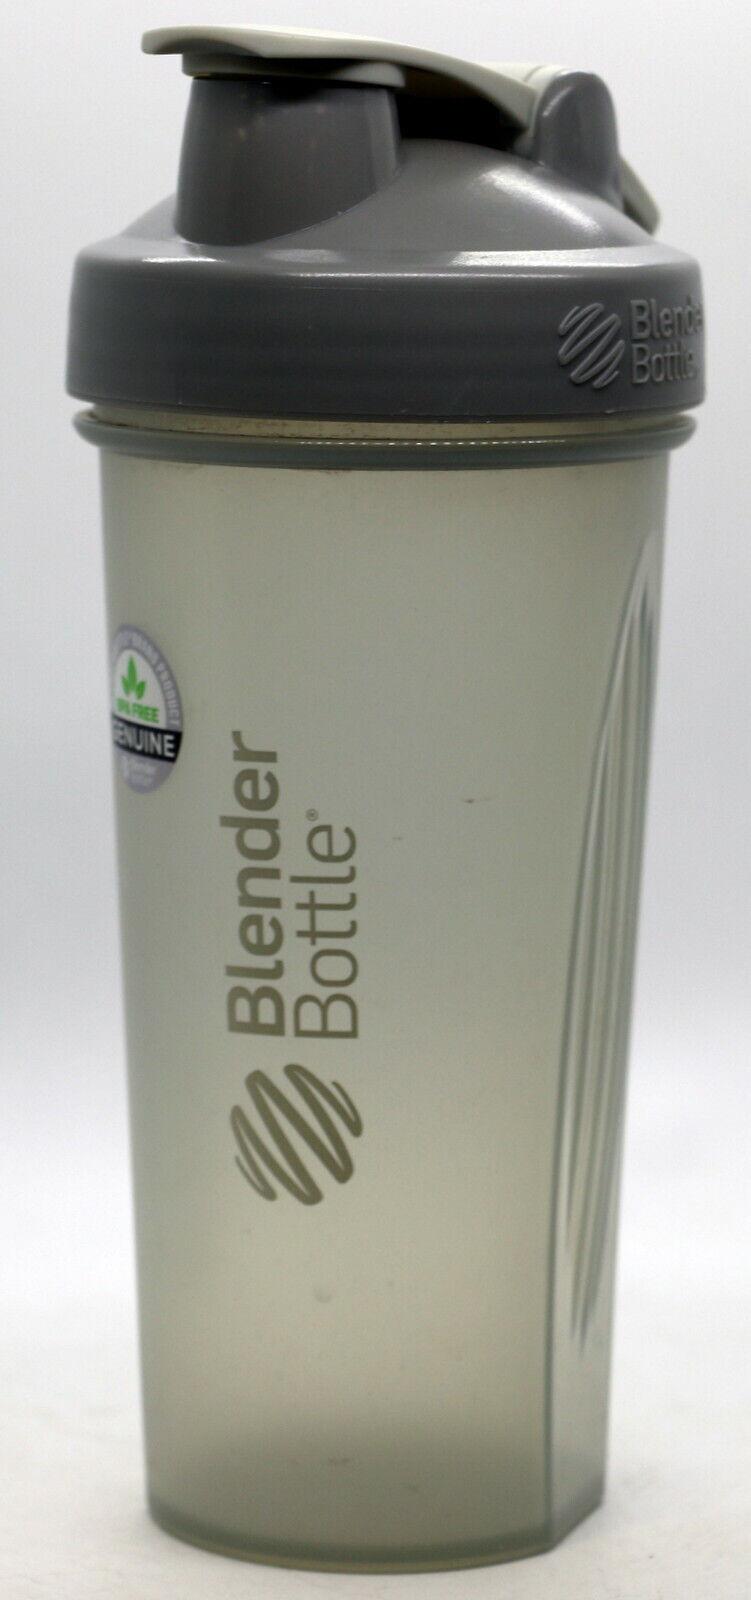 Blender Bottle Classic Loop Top Shaker Bottle 20-Ounce All Black 3-Pack